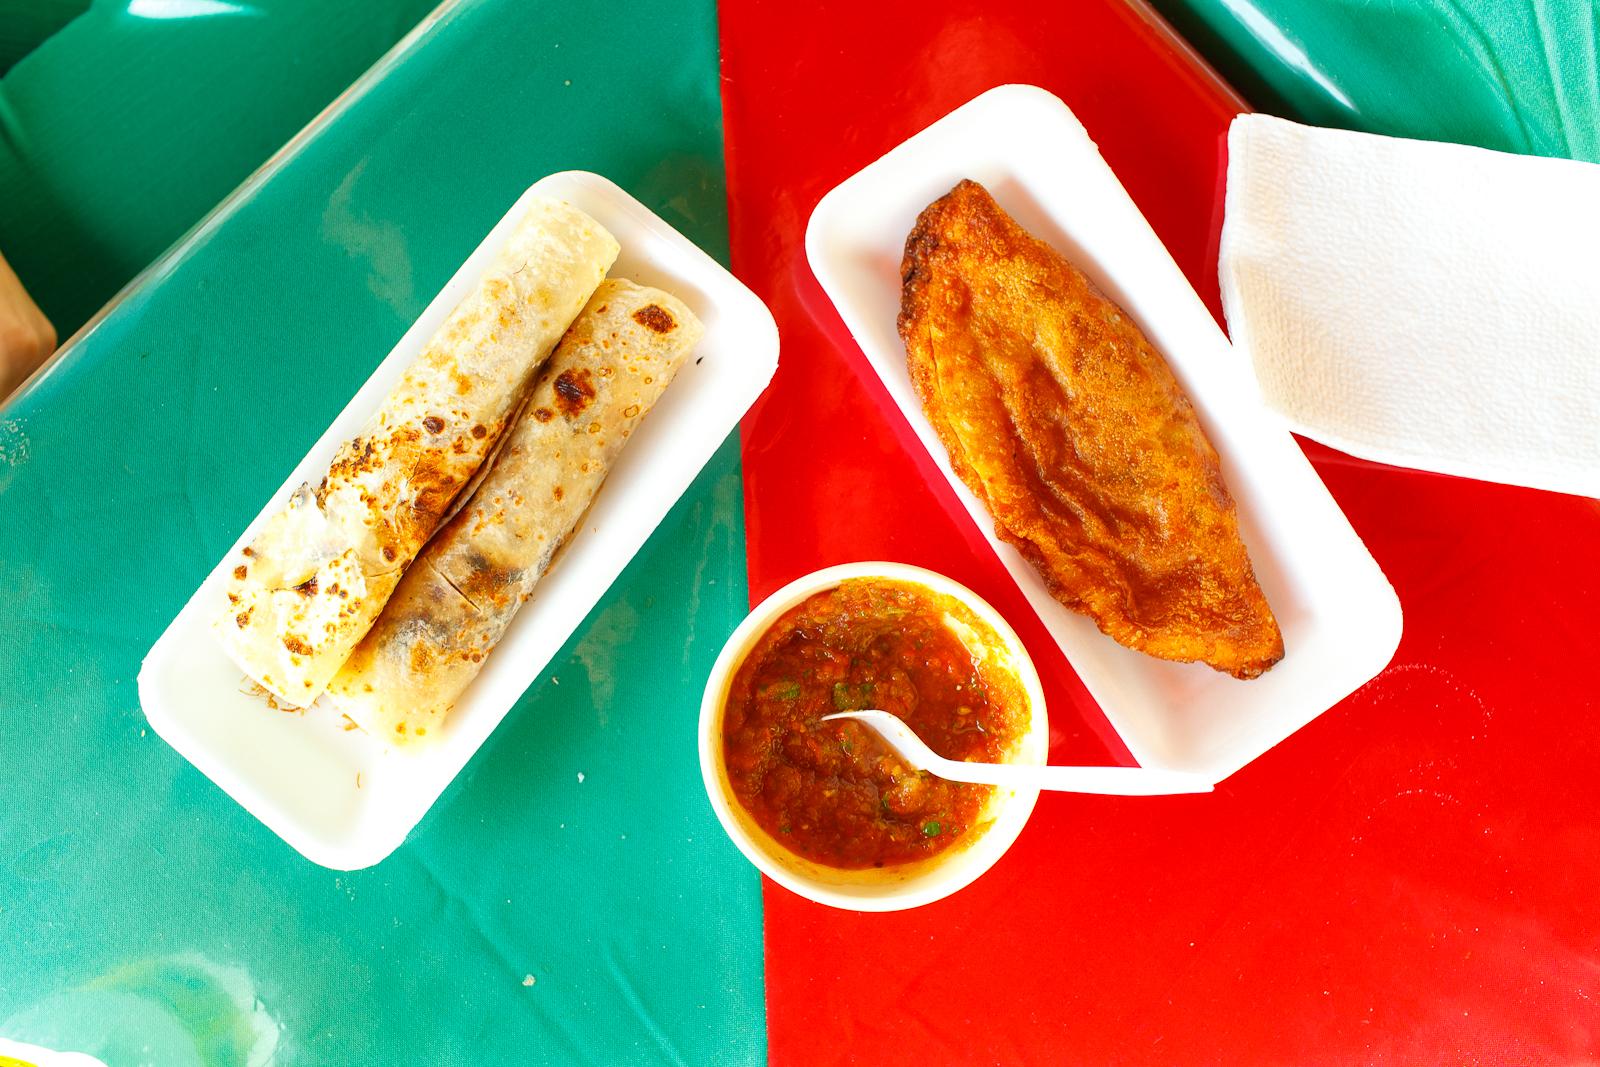 Burrito de machaca y empanada de carne deshebrada.jpg